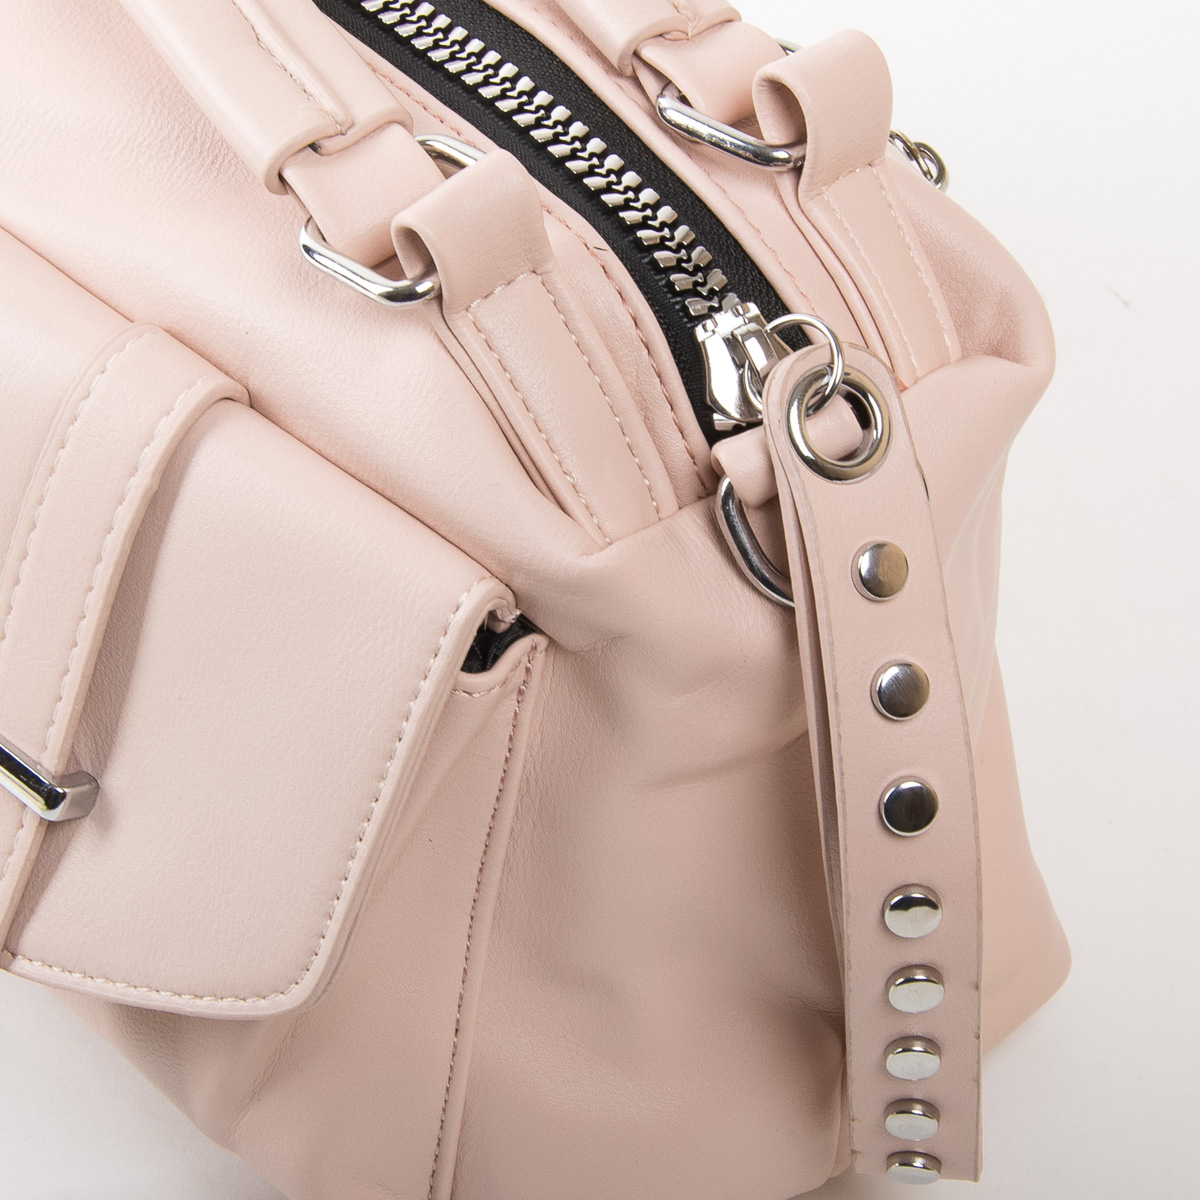 Сумка Женская Классическая иск-кожа FASHION 01-03 5709 pink - фото 3